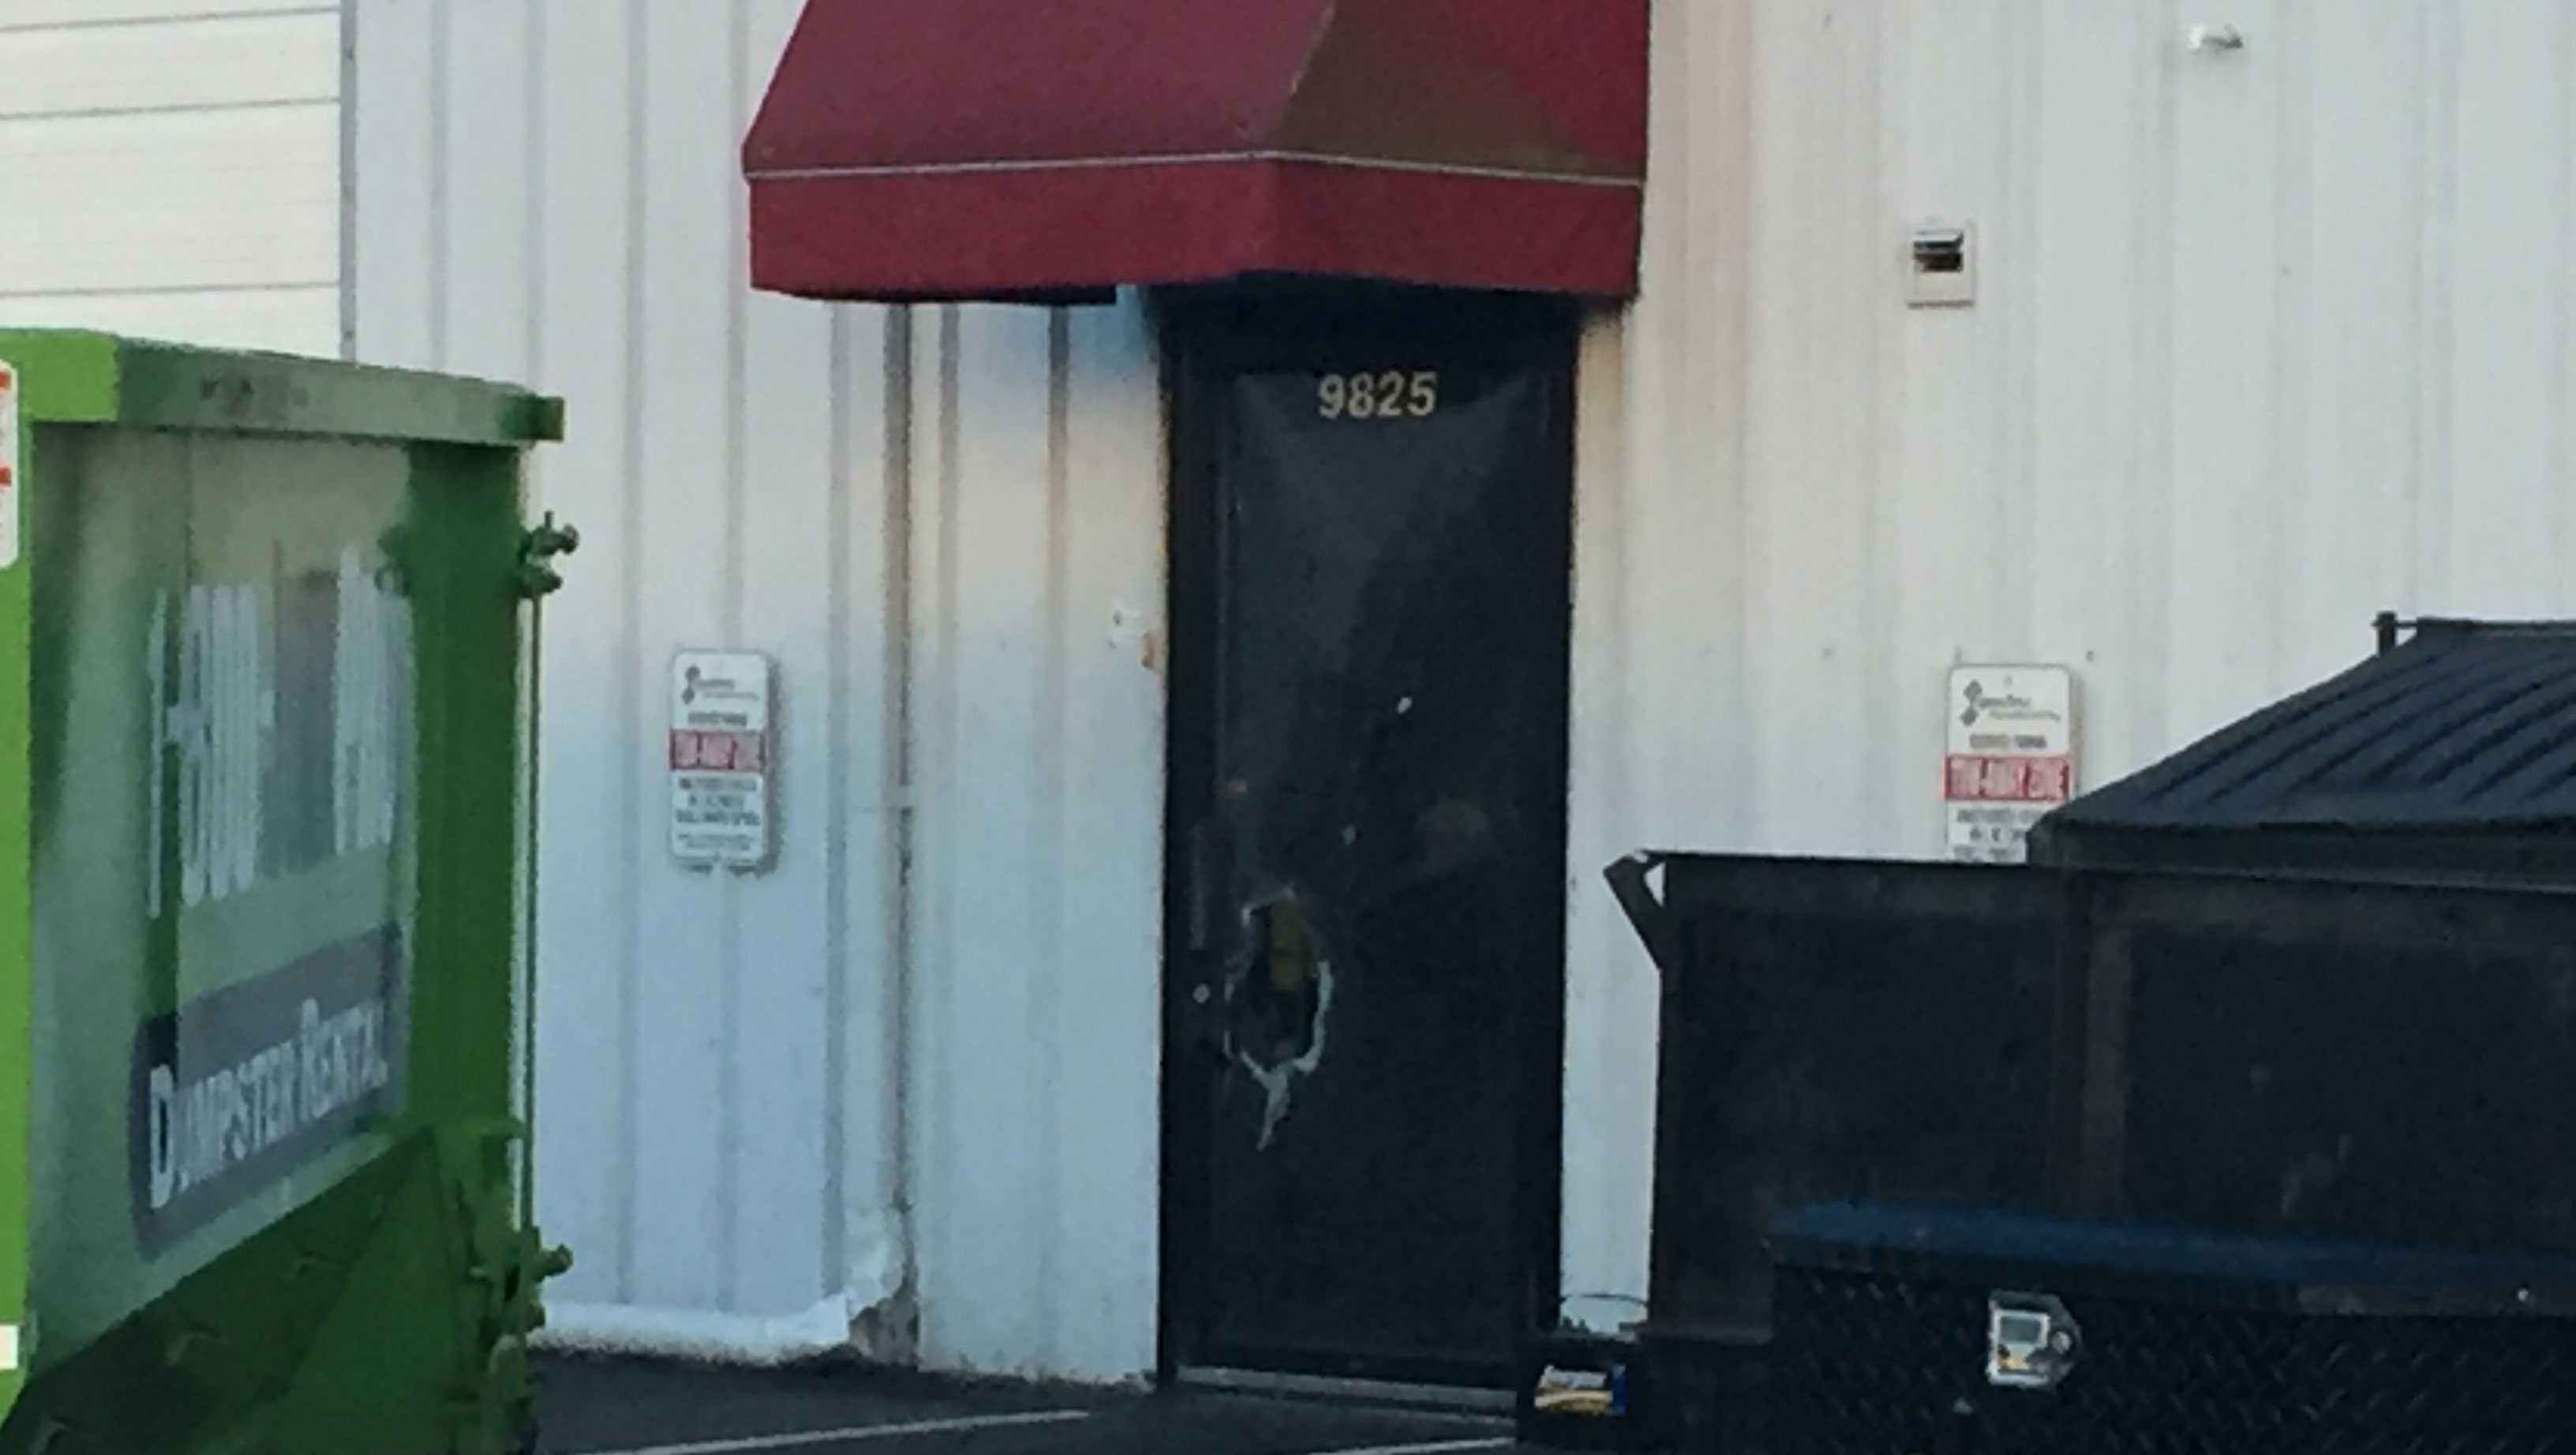 Merriam gun store break-in, Signature Manufacturing